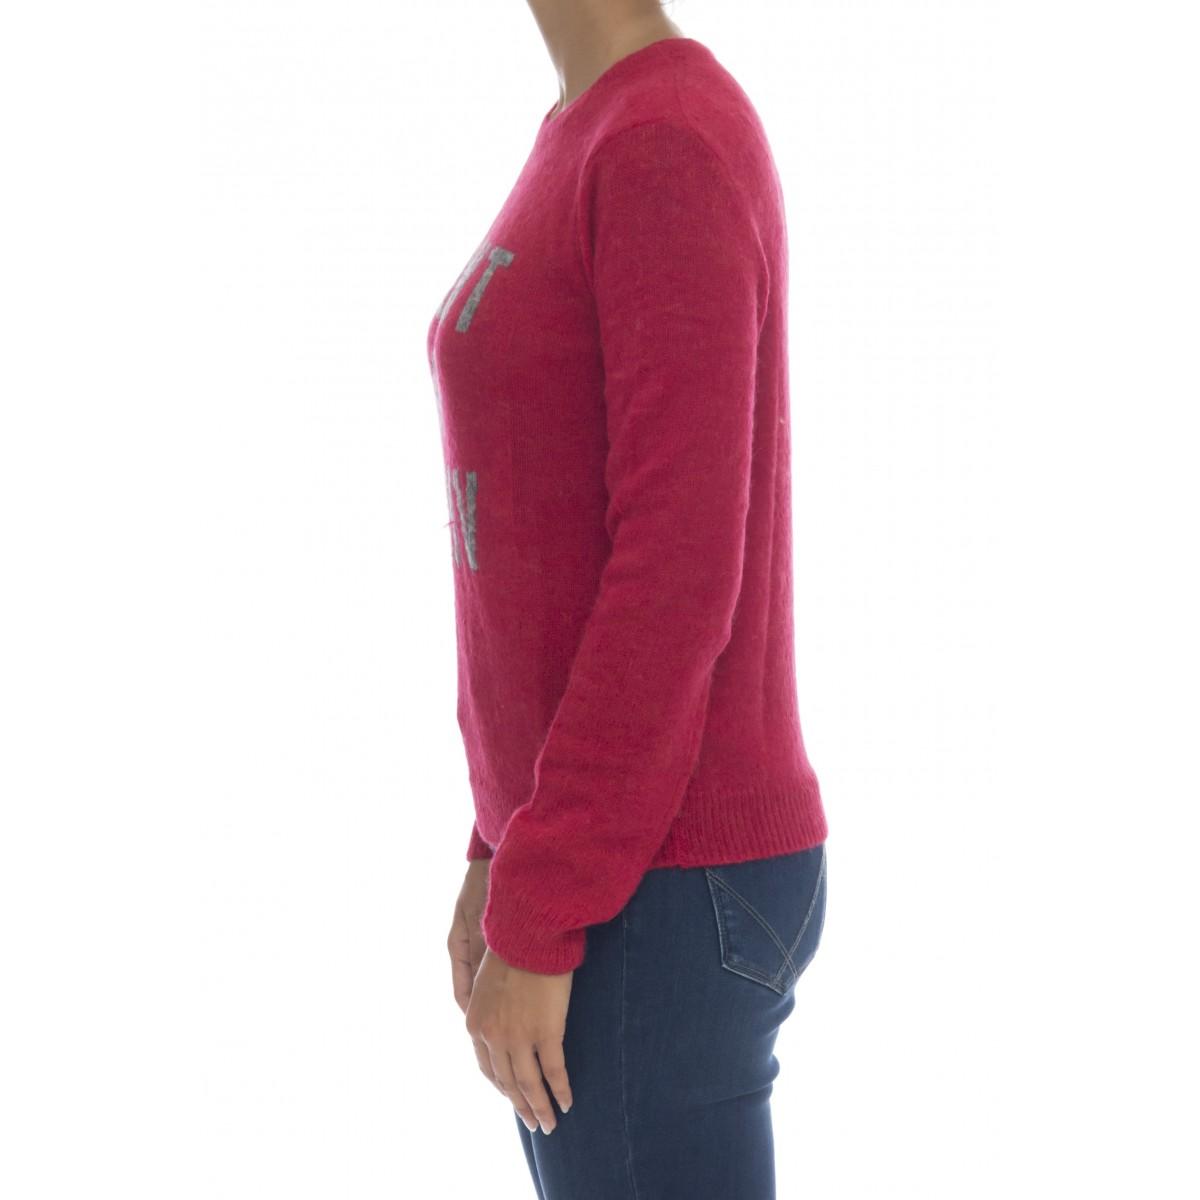 Maglieria - K40226 maglia lana scritta